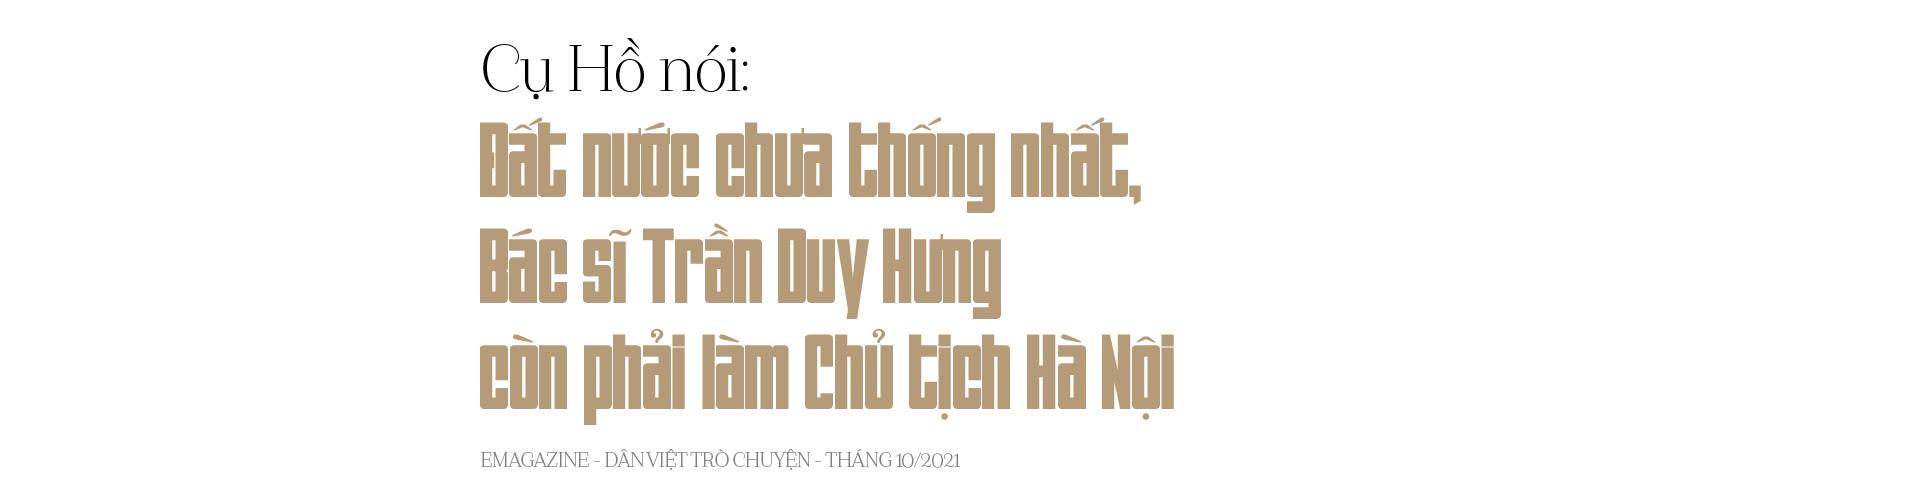 Bác sĩ Trần Duy Hưng – thị trưởng Hà Nội đầu tiên và lâu năm nhất - Ảnh 16.